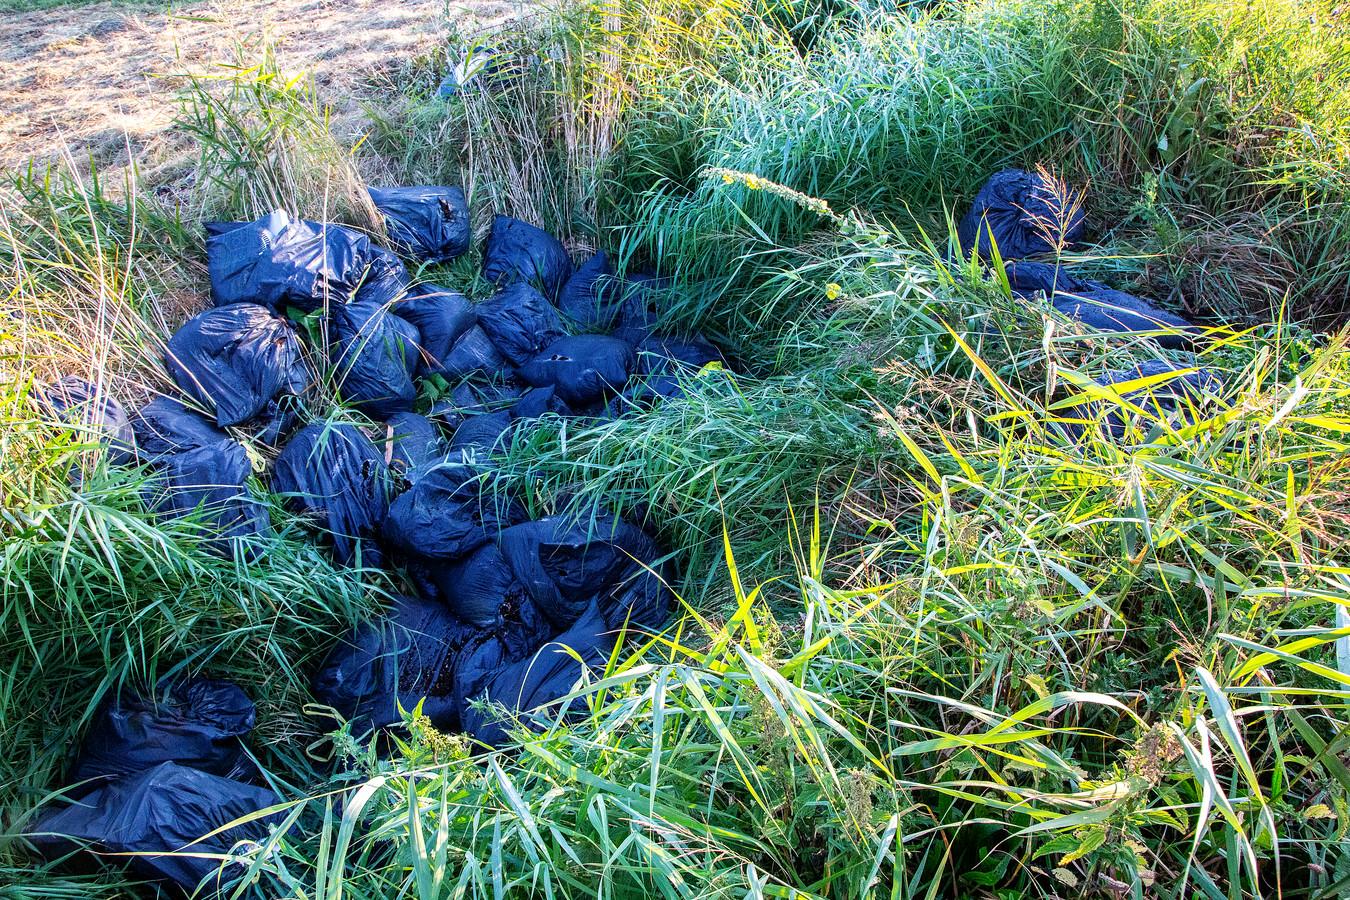 In de berm werden tientallen zakken hennepafval gevonden.